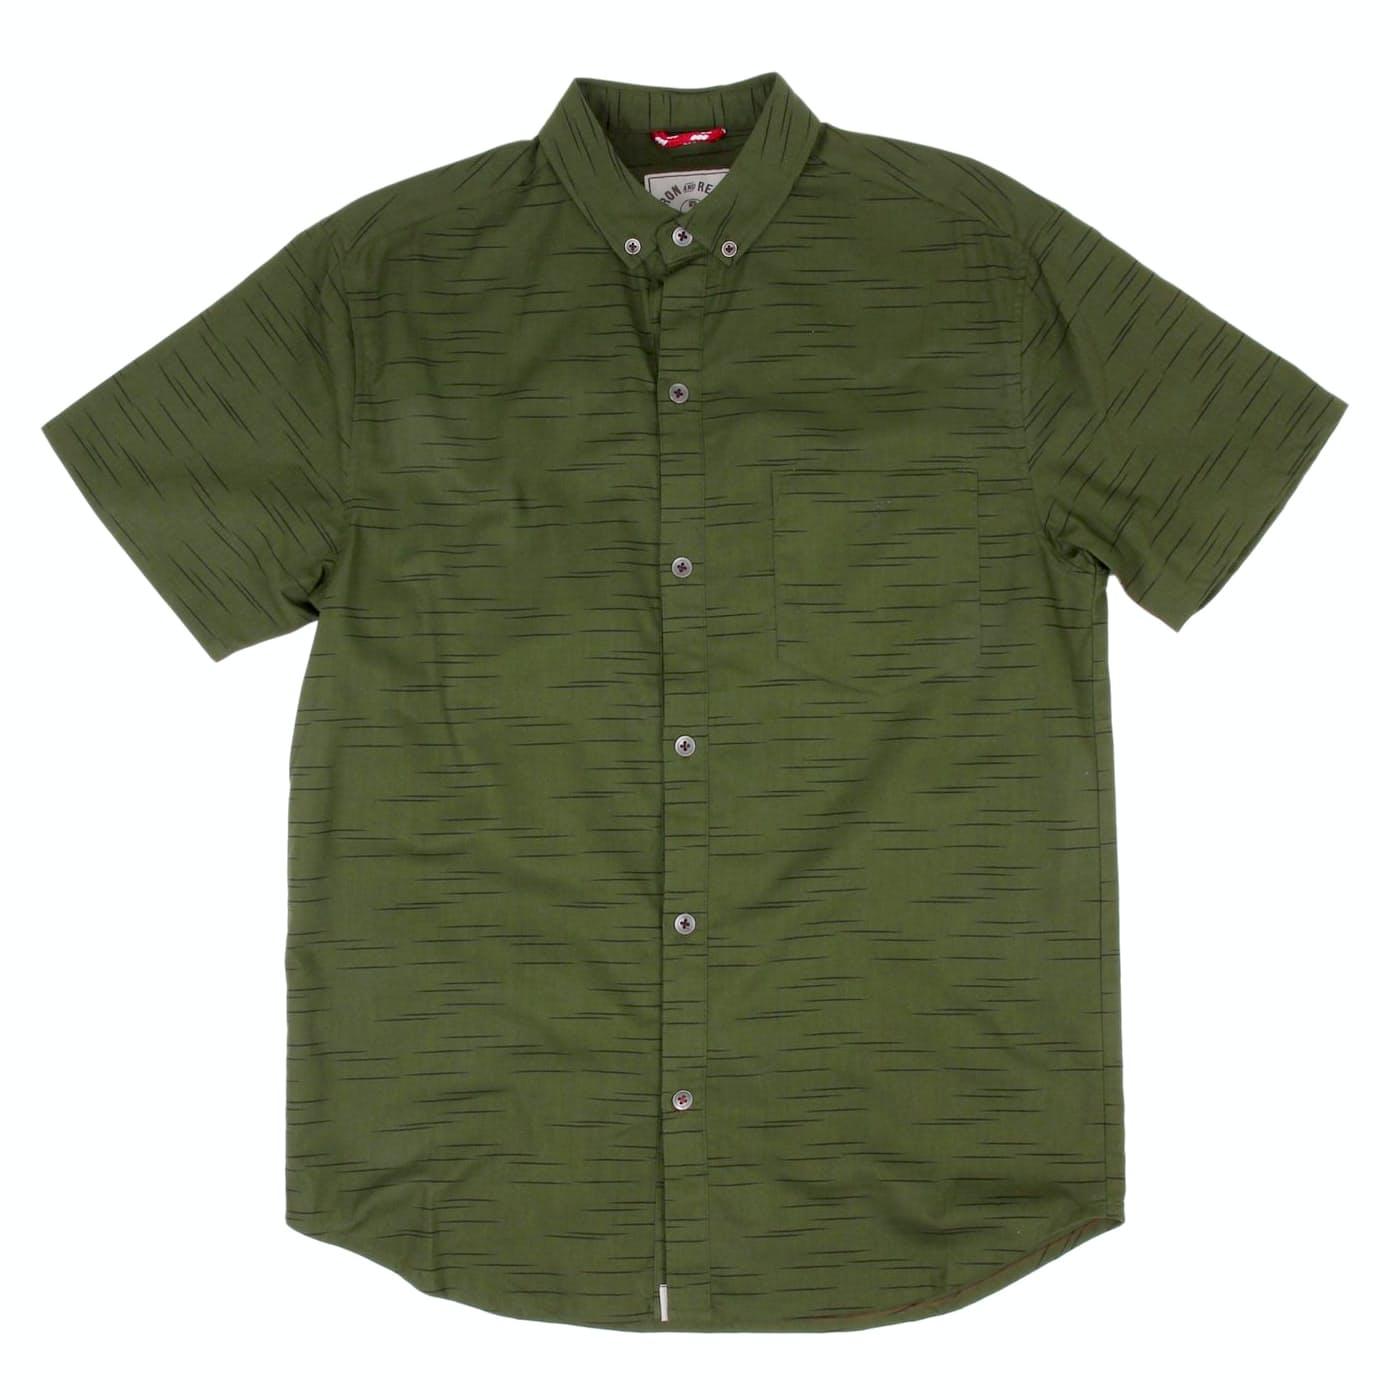 7bnnowrlz6 iron and resin linear shirt 0 original